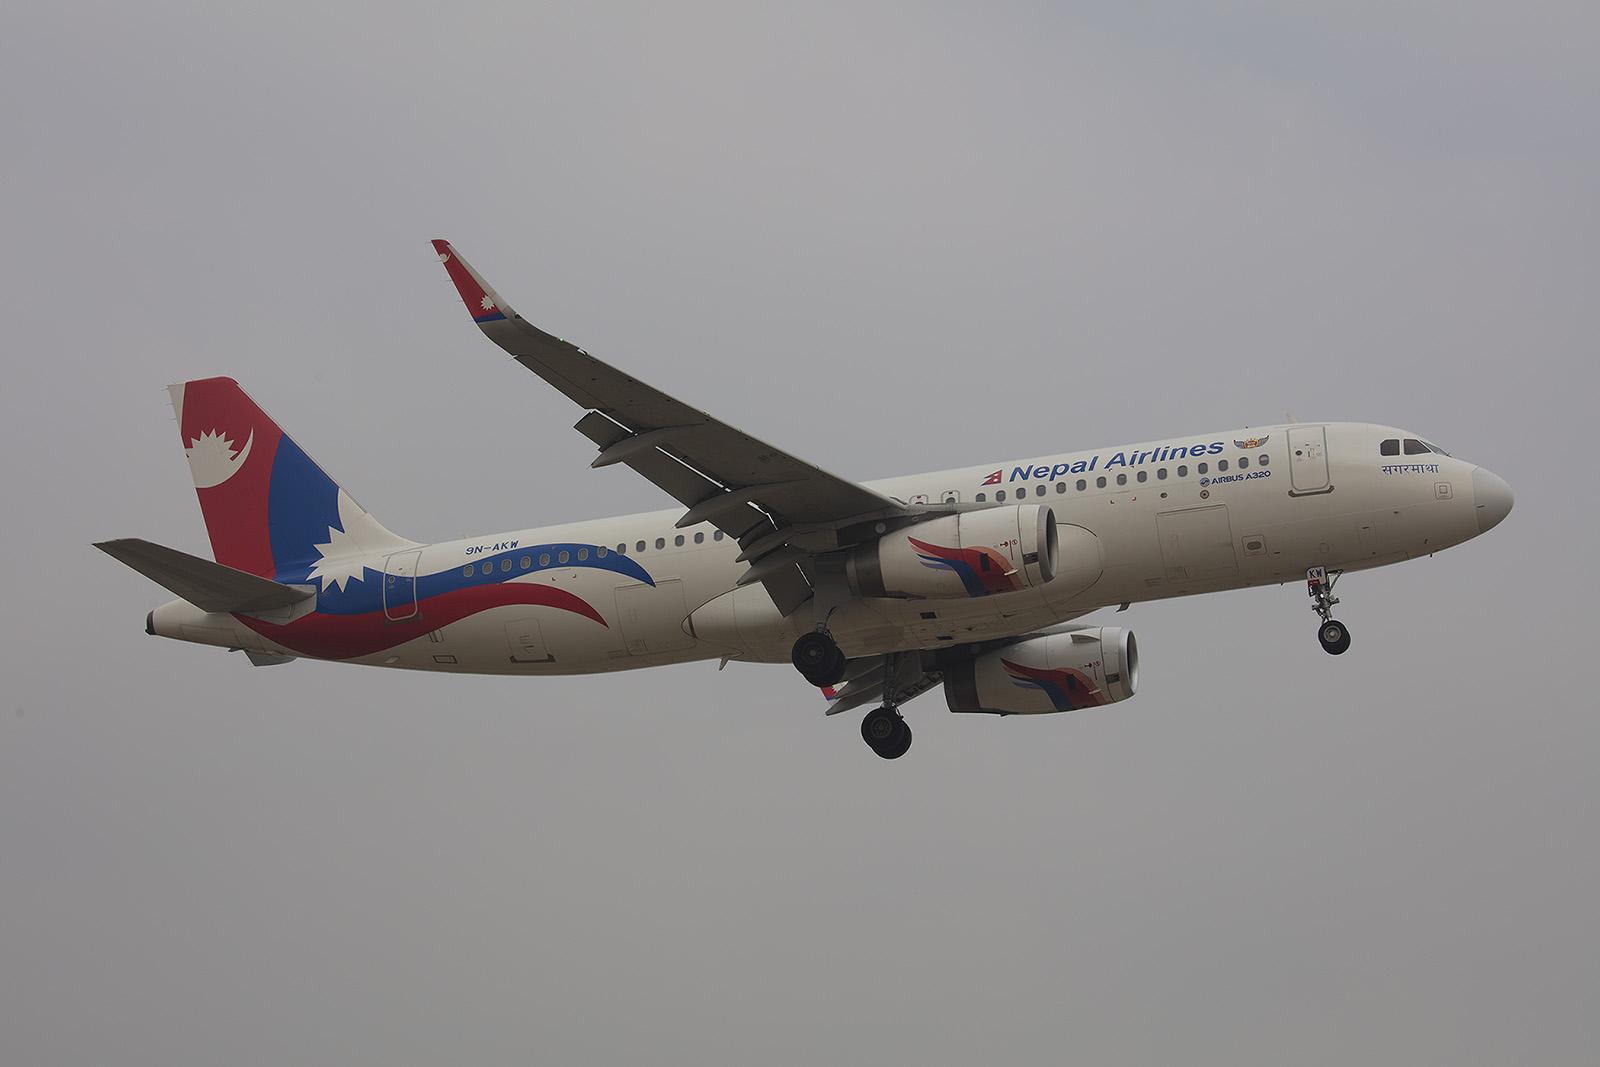 Der Flaggcarrier Nepal Airlines ist leider keine sehr zuverlässige Airline, wie wir am eigenen Leib erfahren mussten.